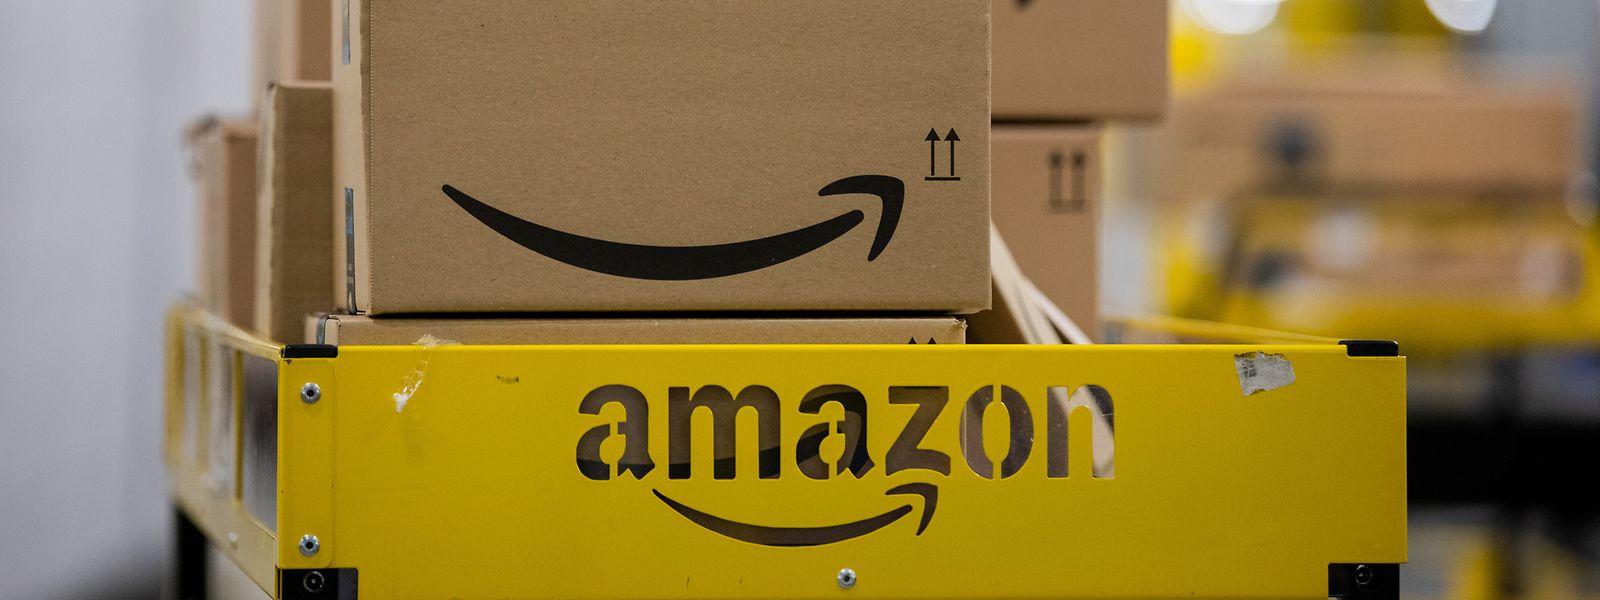 Le géant de l'e-commerce a réalisé un chiffre d'affaires record mais sans payer un cent d'impôt sur les sociétés au Luxembourg, ça méritait bien une compensation...